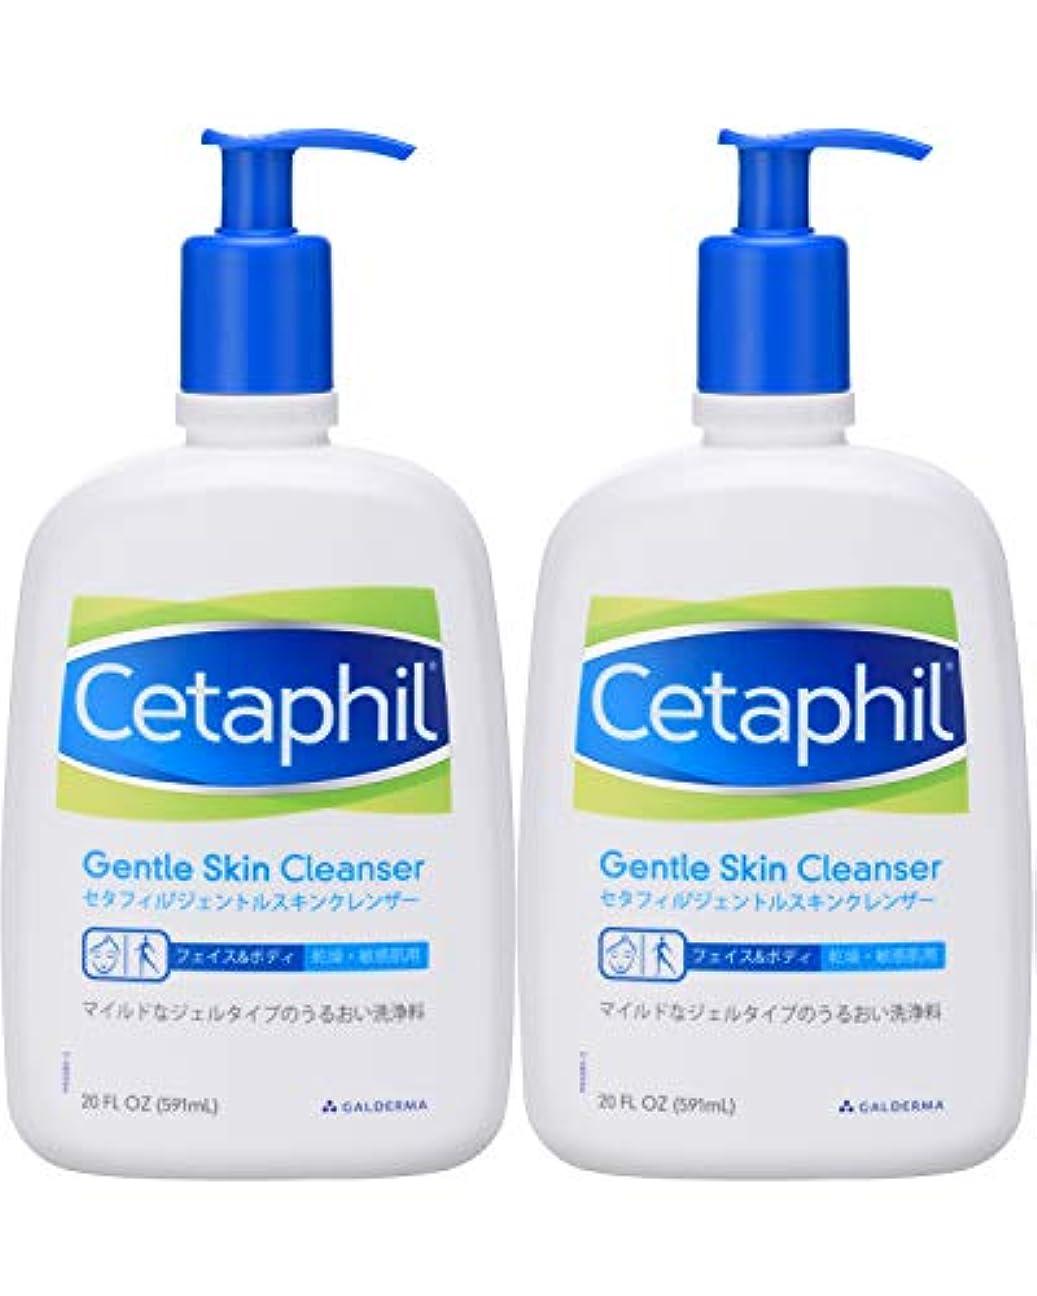 セタフィル Cetaphil ® ジェントルスキンクレンザー 591ml 2本組 ( フェイス & ボディ 洗浄料 クレンザー )